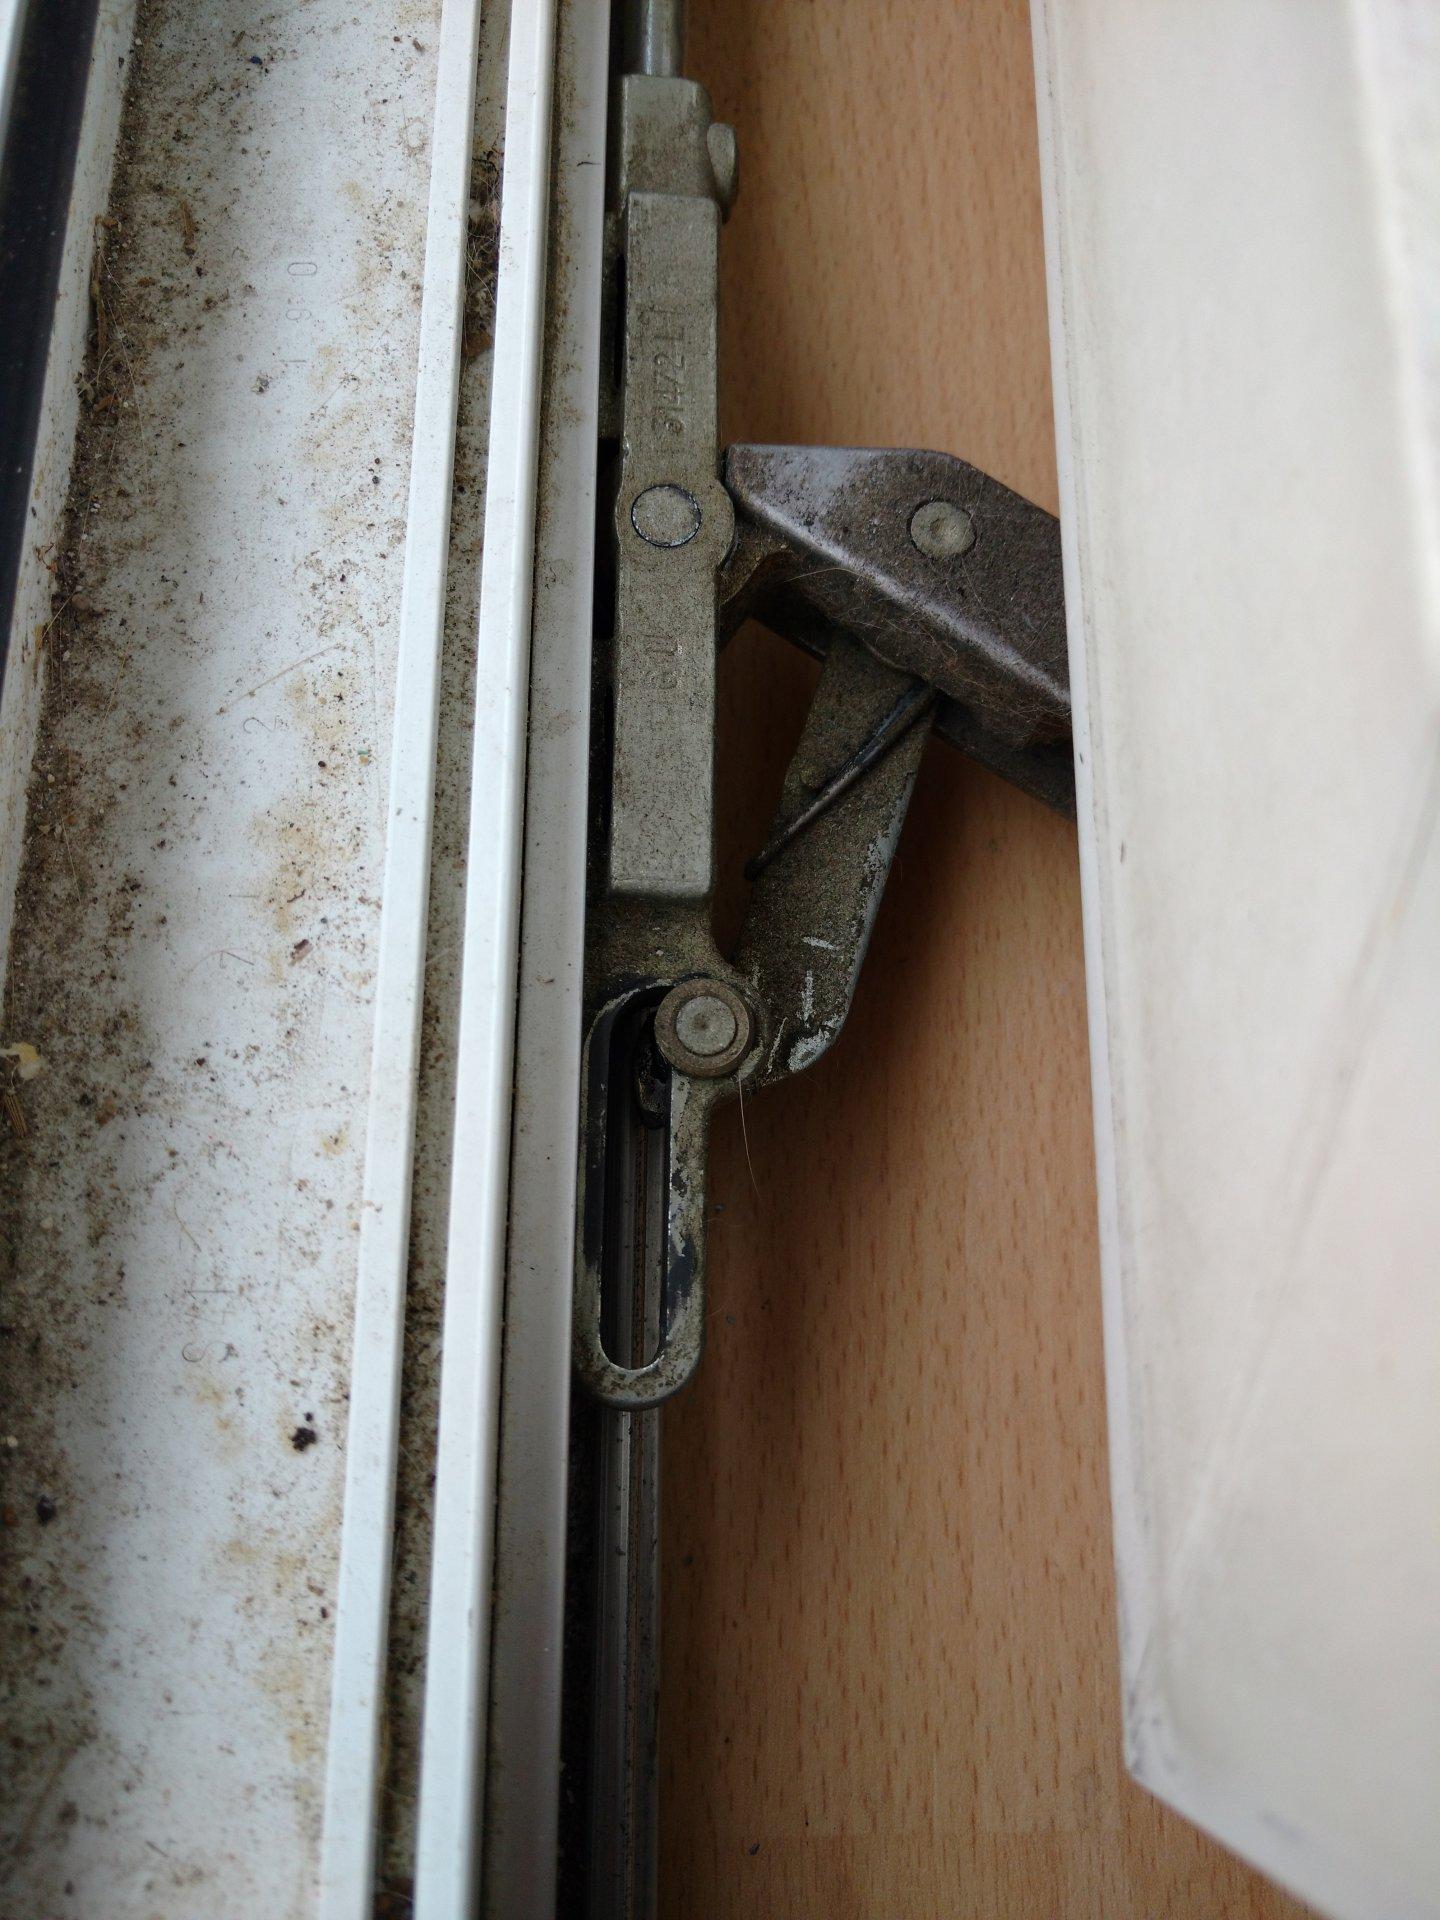 Extrem Balkontür schießt nichtmehr von allein II25